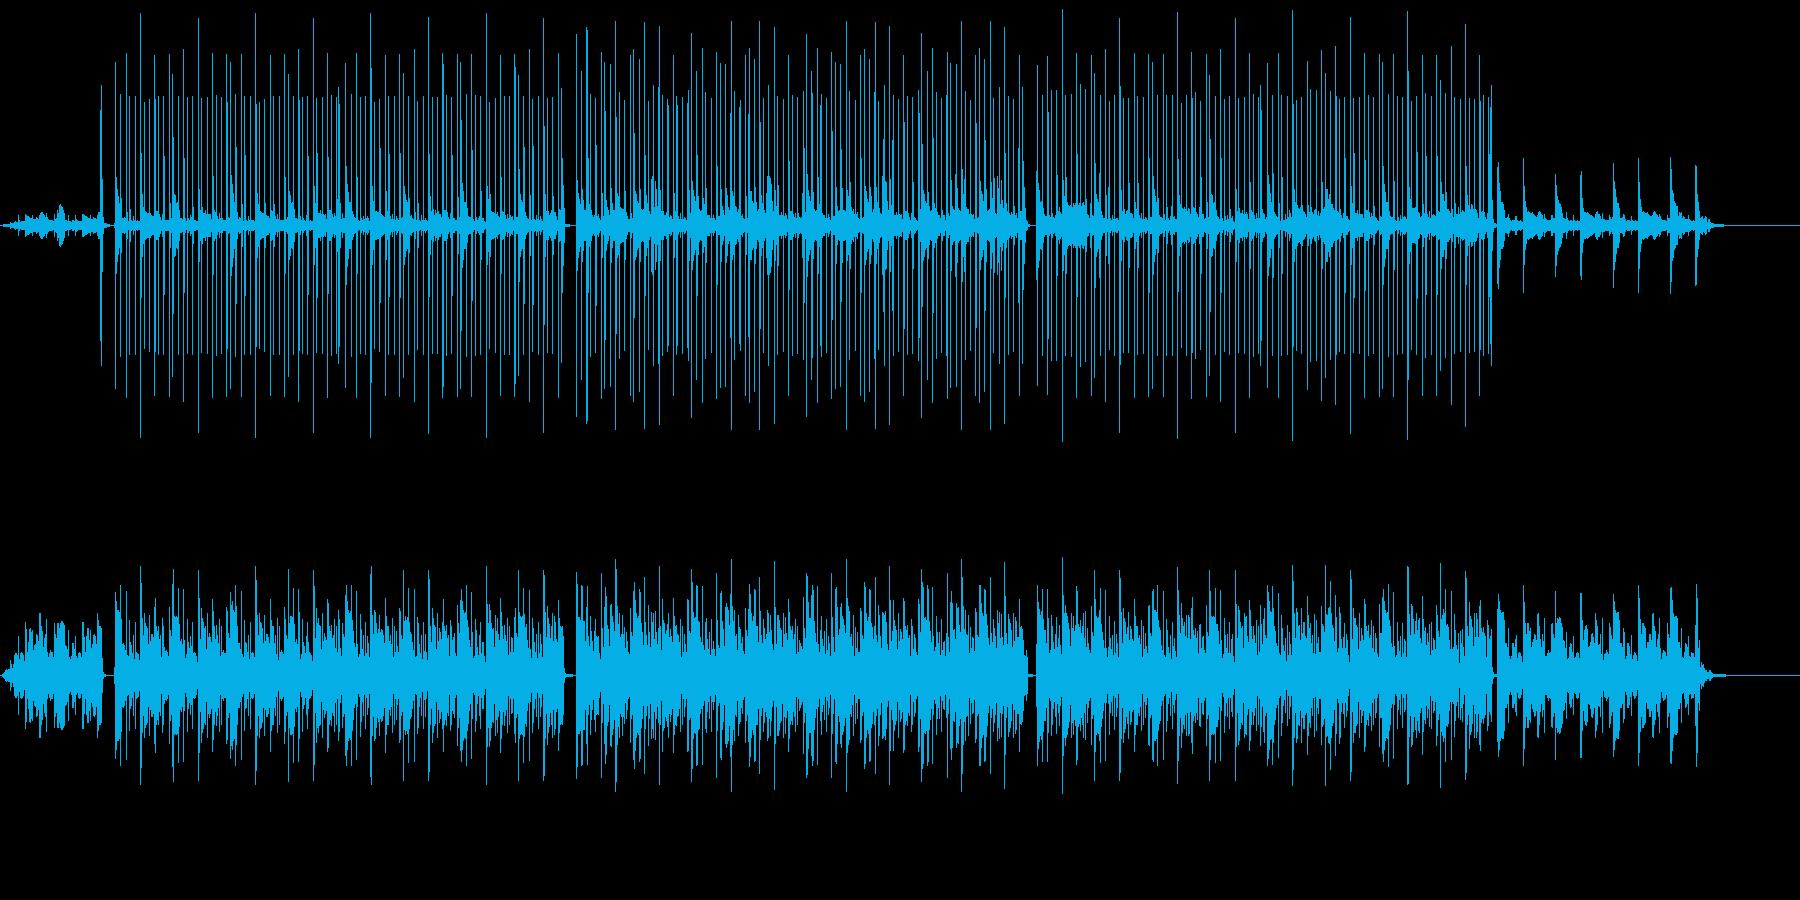 ダークな雰囲気のピアノ曲の再生済みの波形